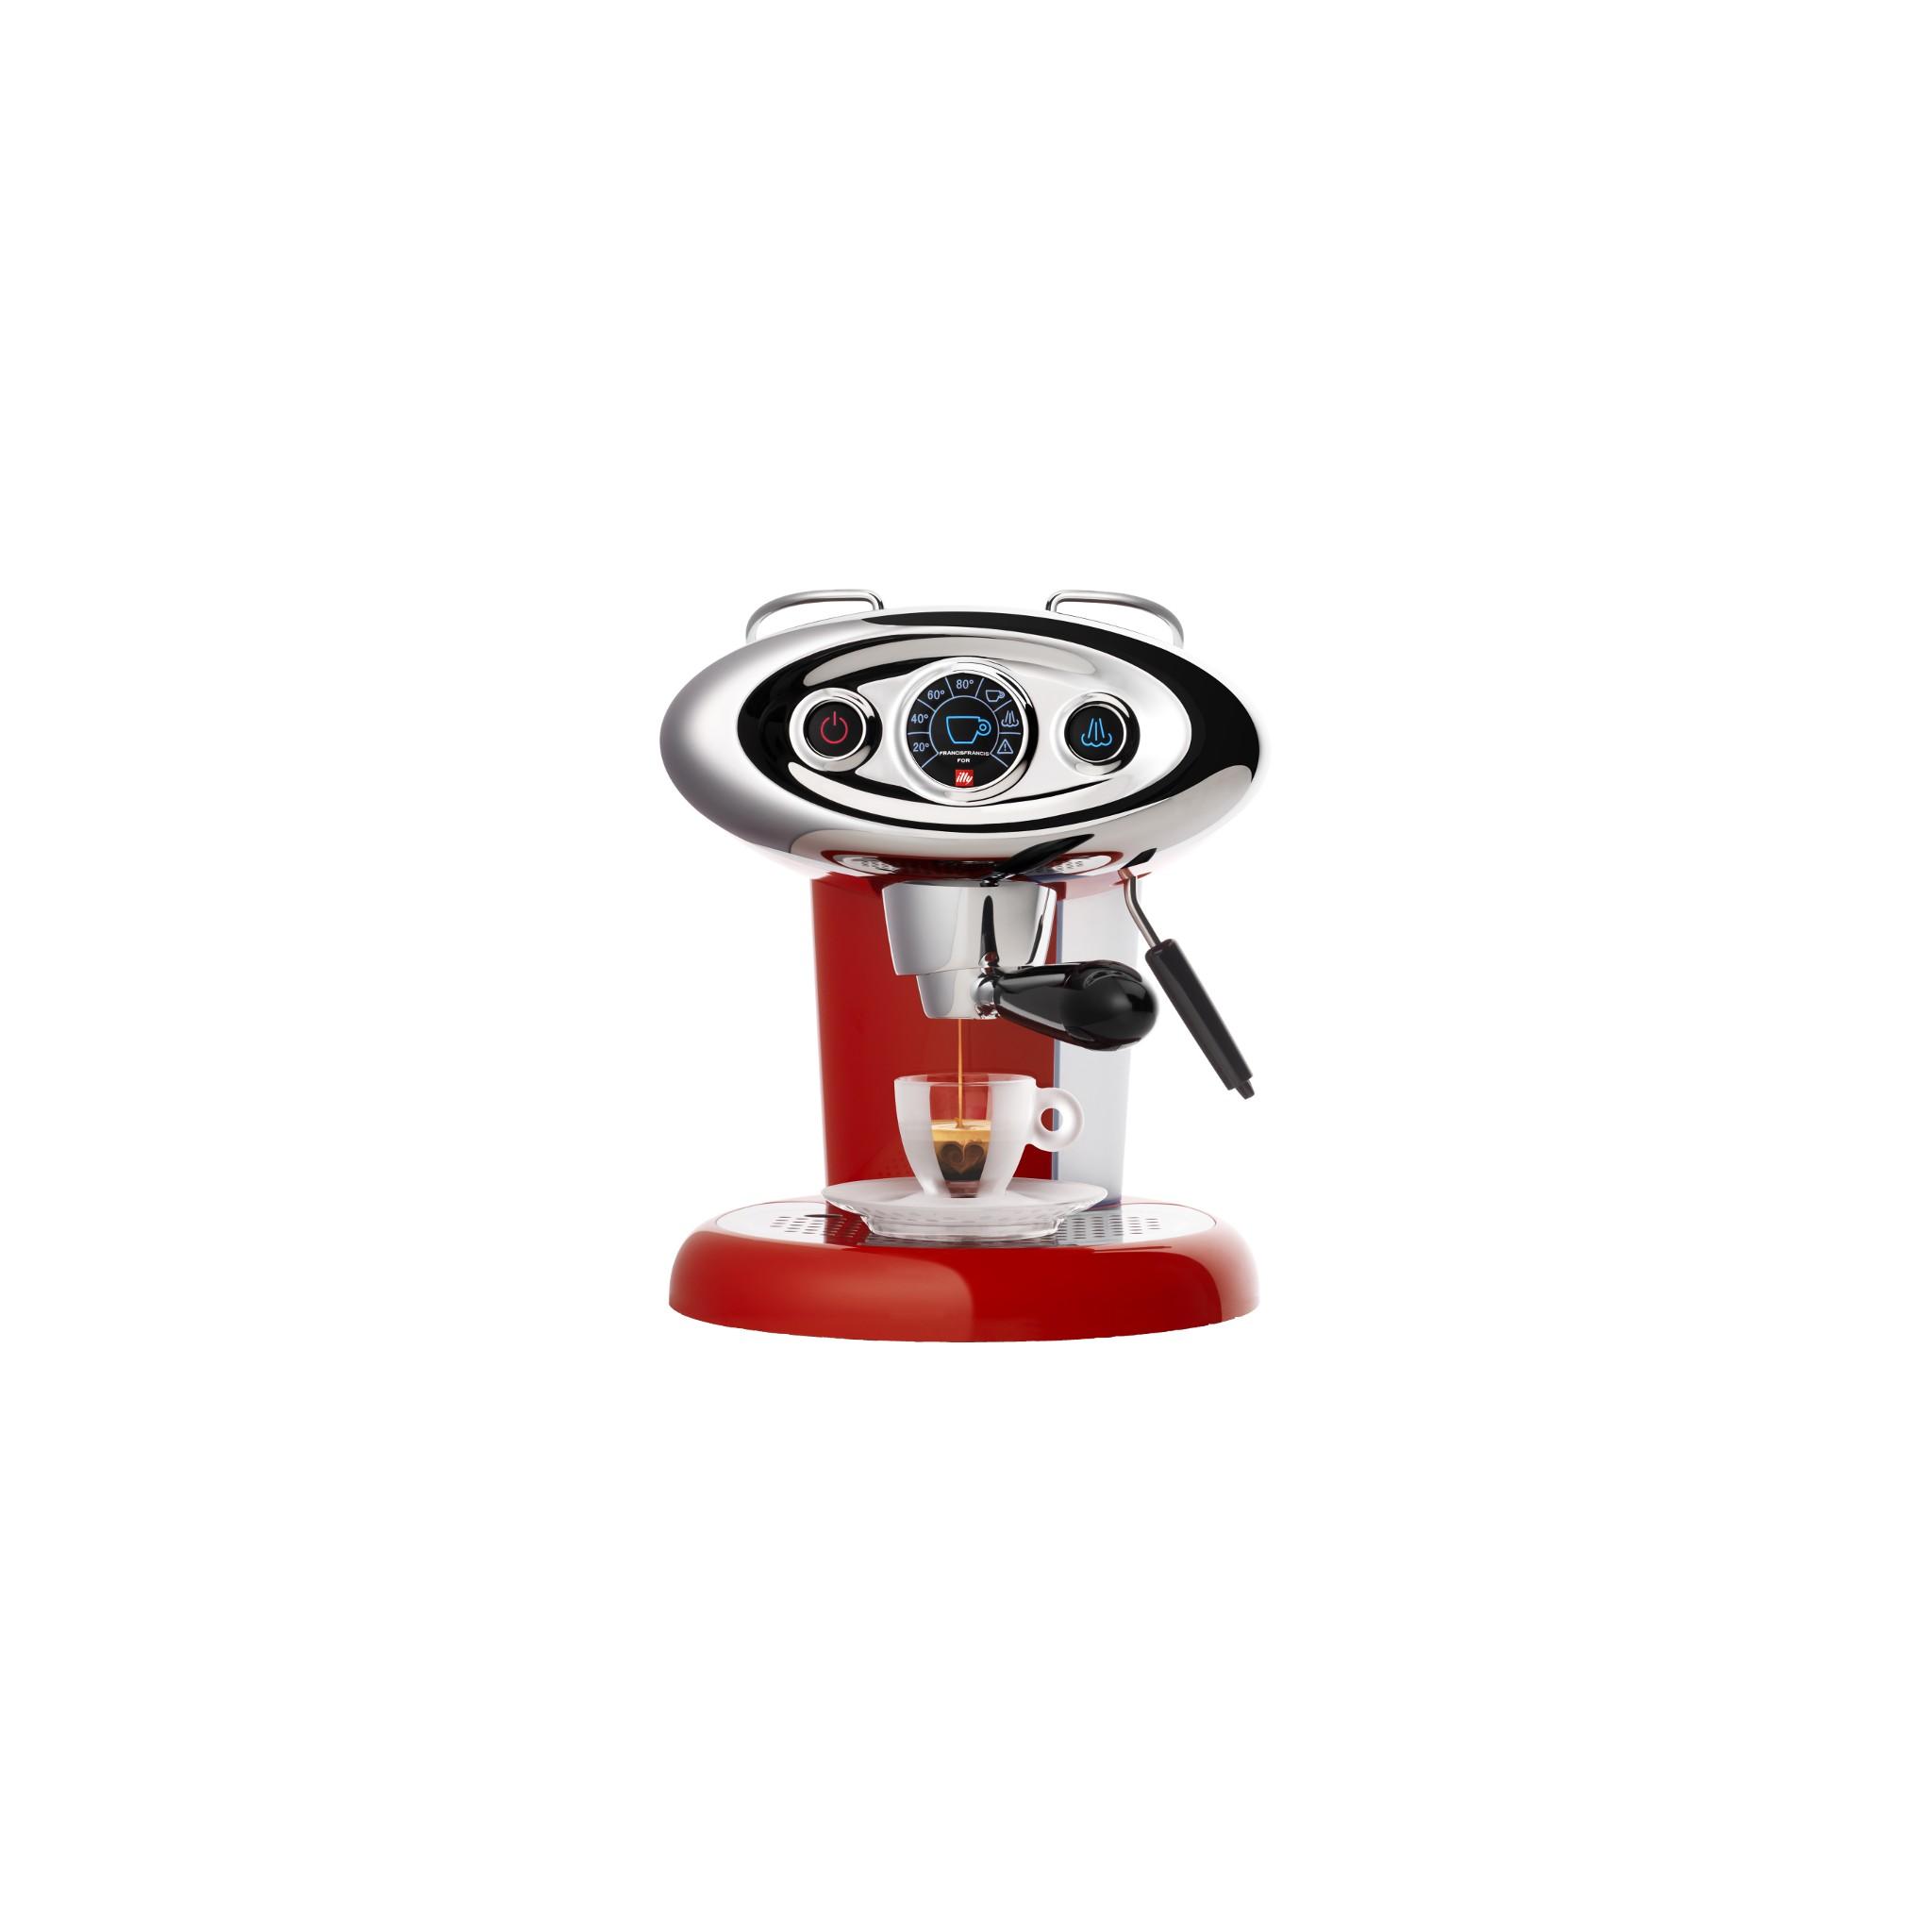 vendita online macchina per caff illy farncisfrancis x7 1 rossa metodo iperespresso miglior. Black Bedroom Furniture Sets. Home Design Ideas